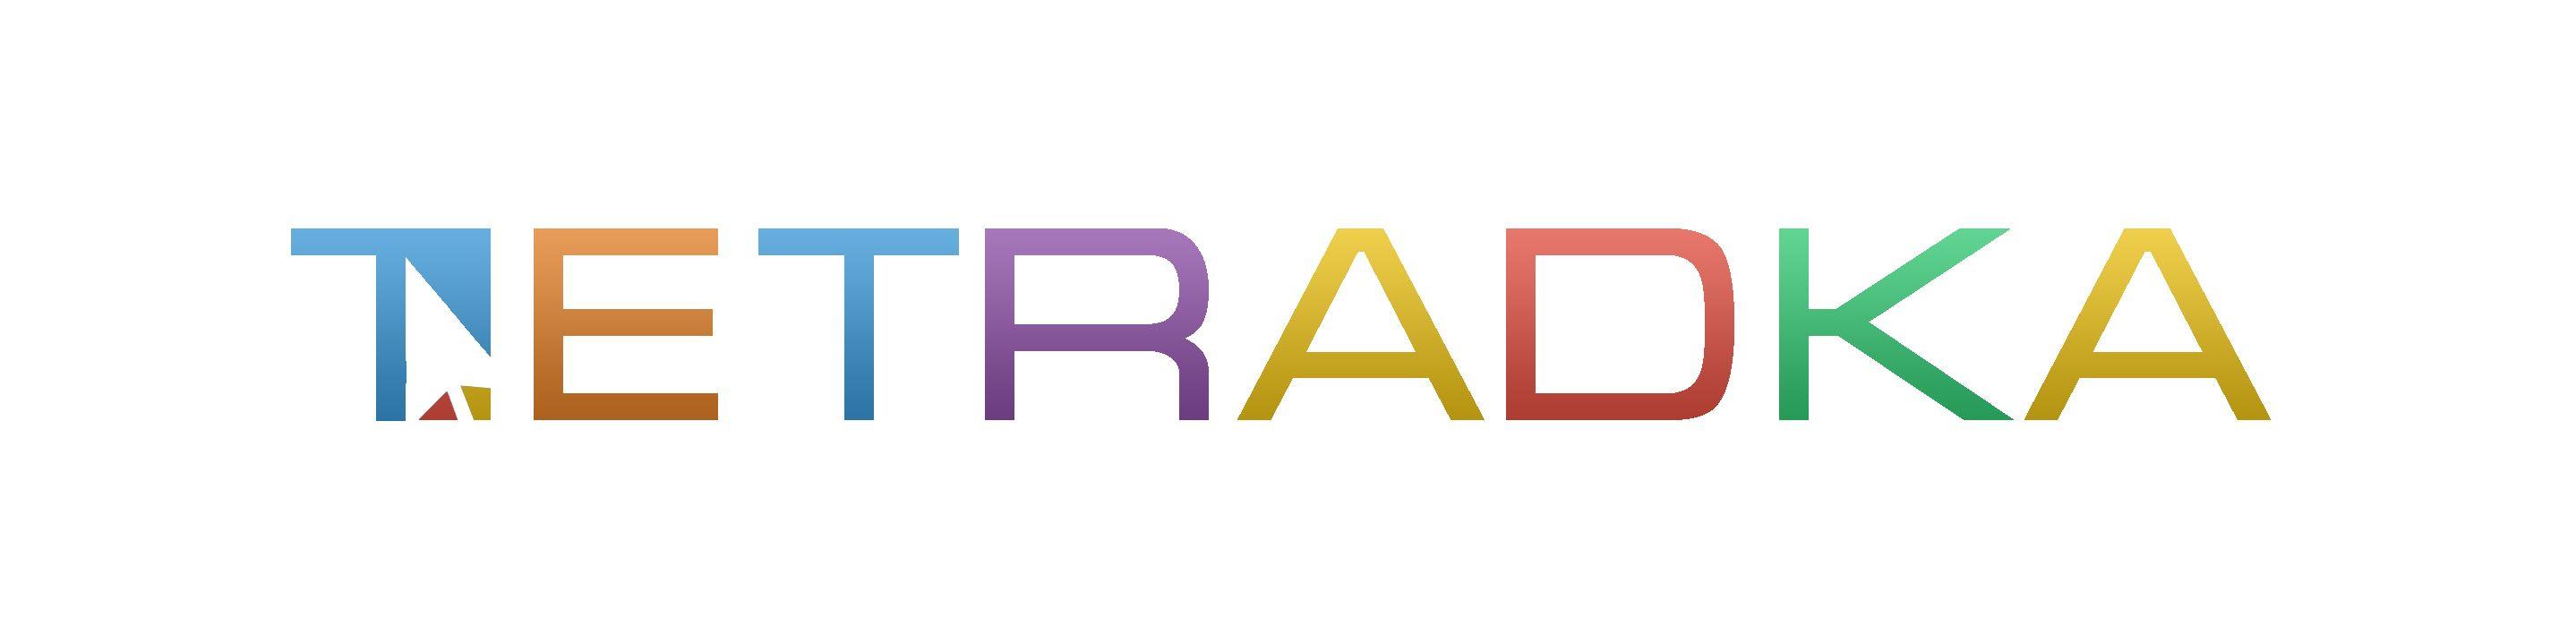 Логотип для образовательной сети tetradka.ru - дизайнер avee